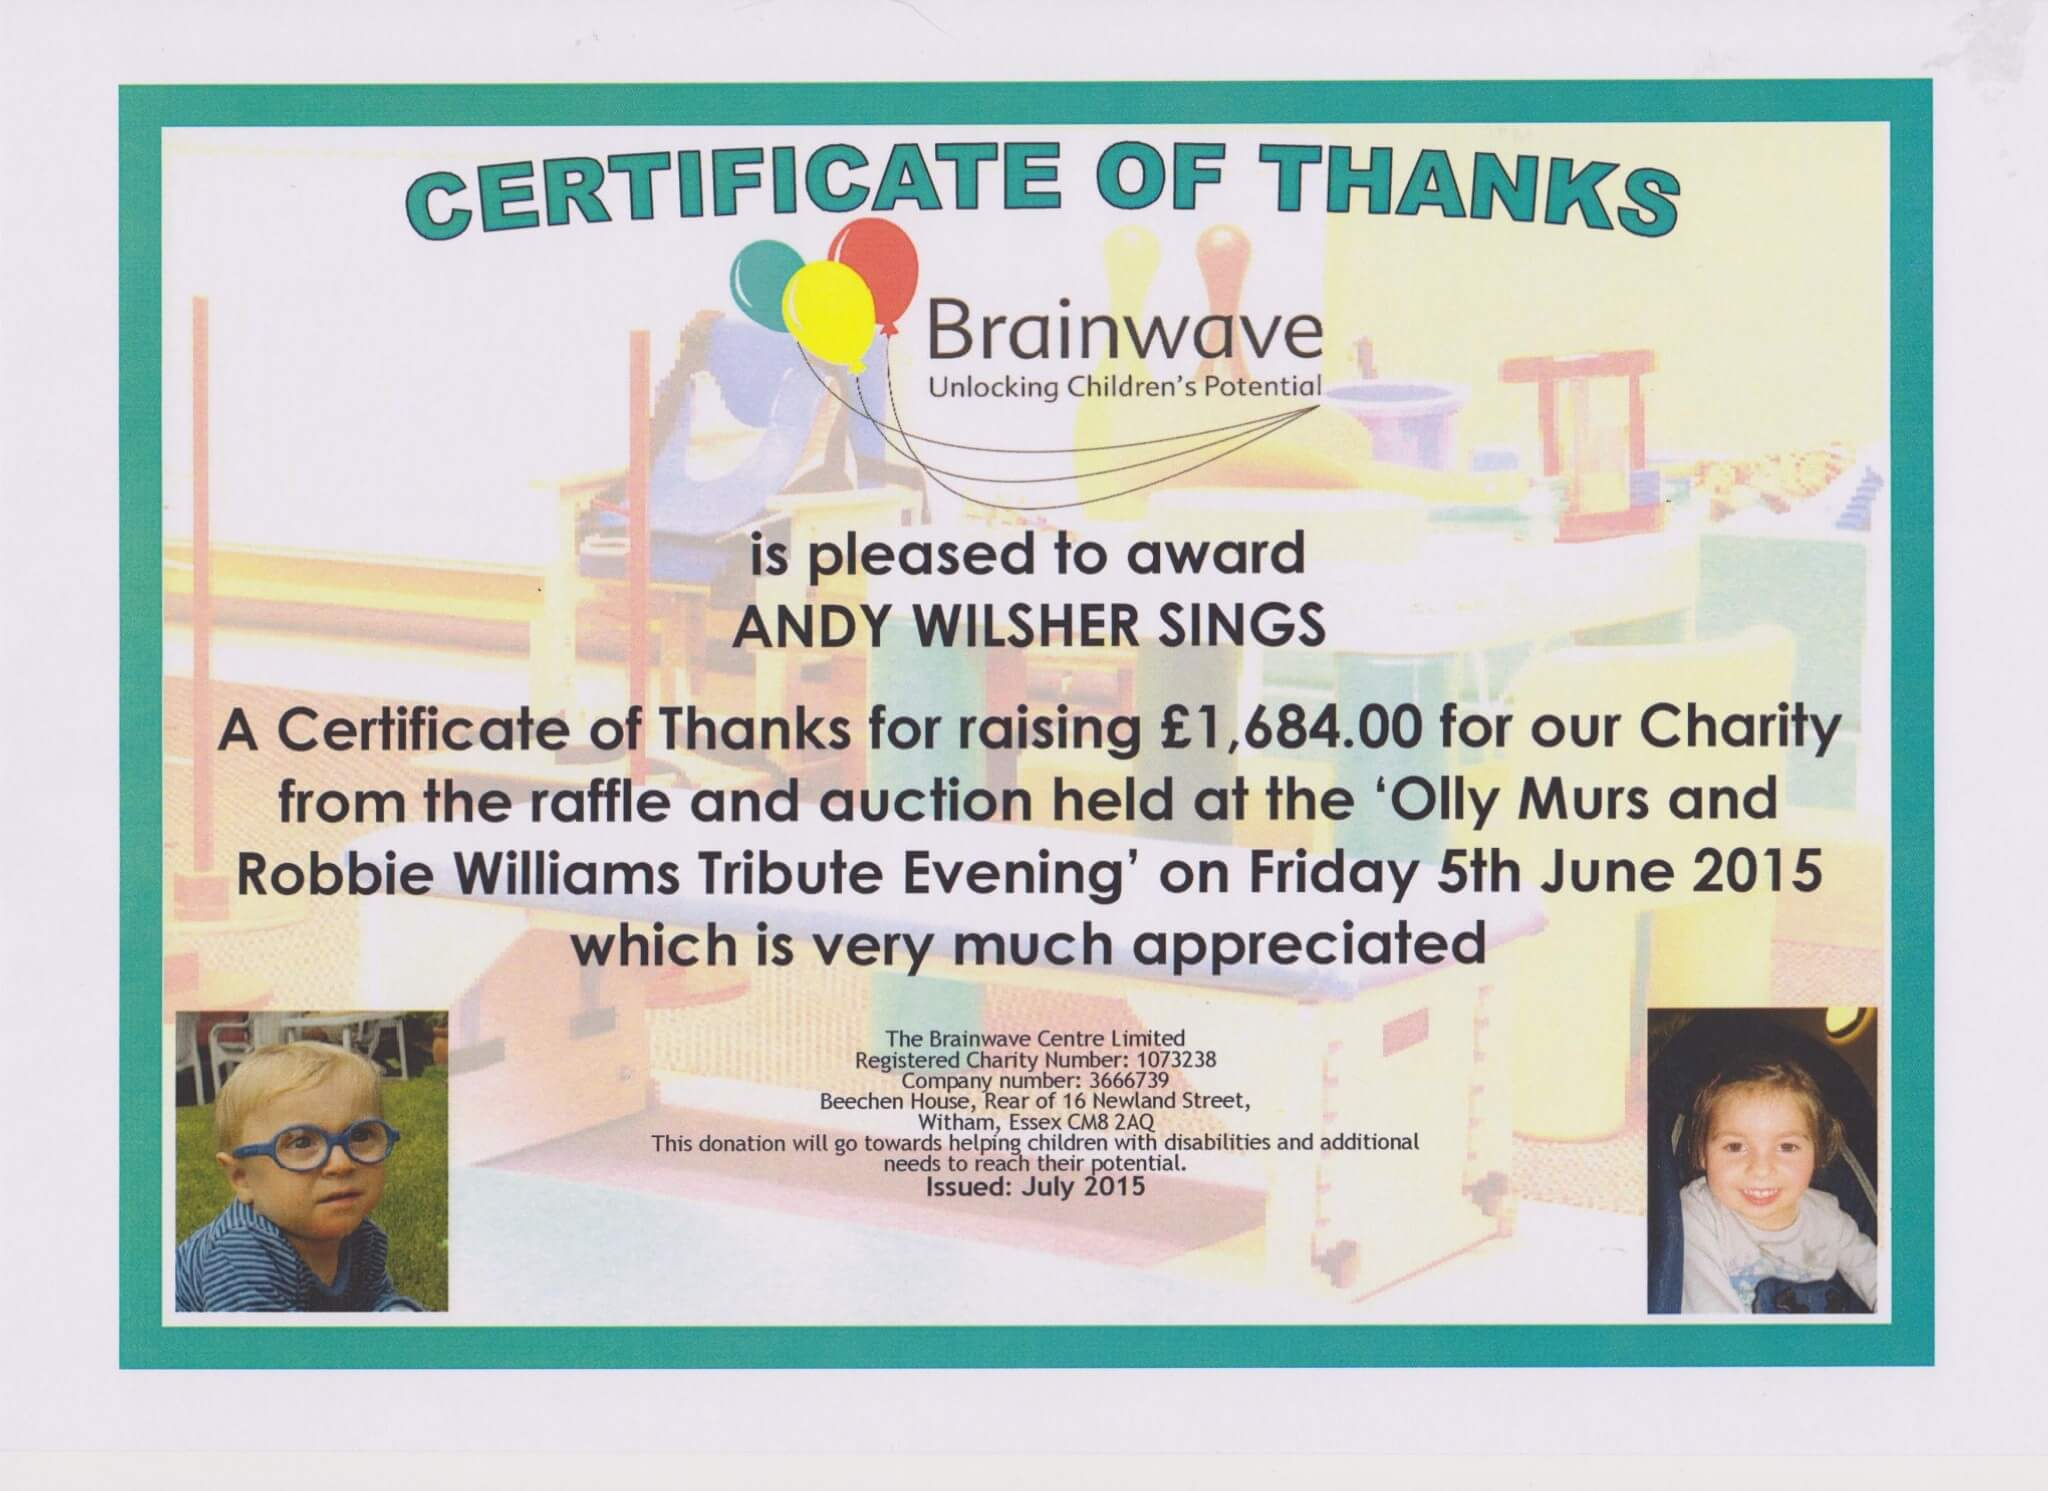 Brainwave-cert-001-e1437410285985